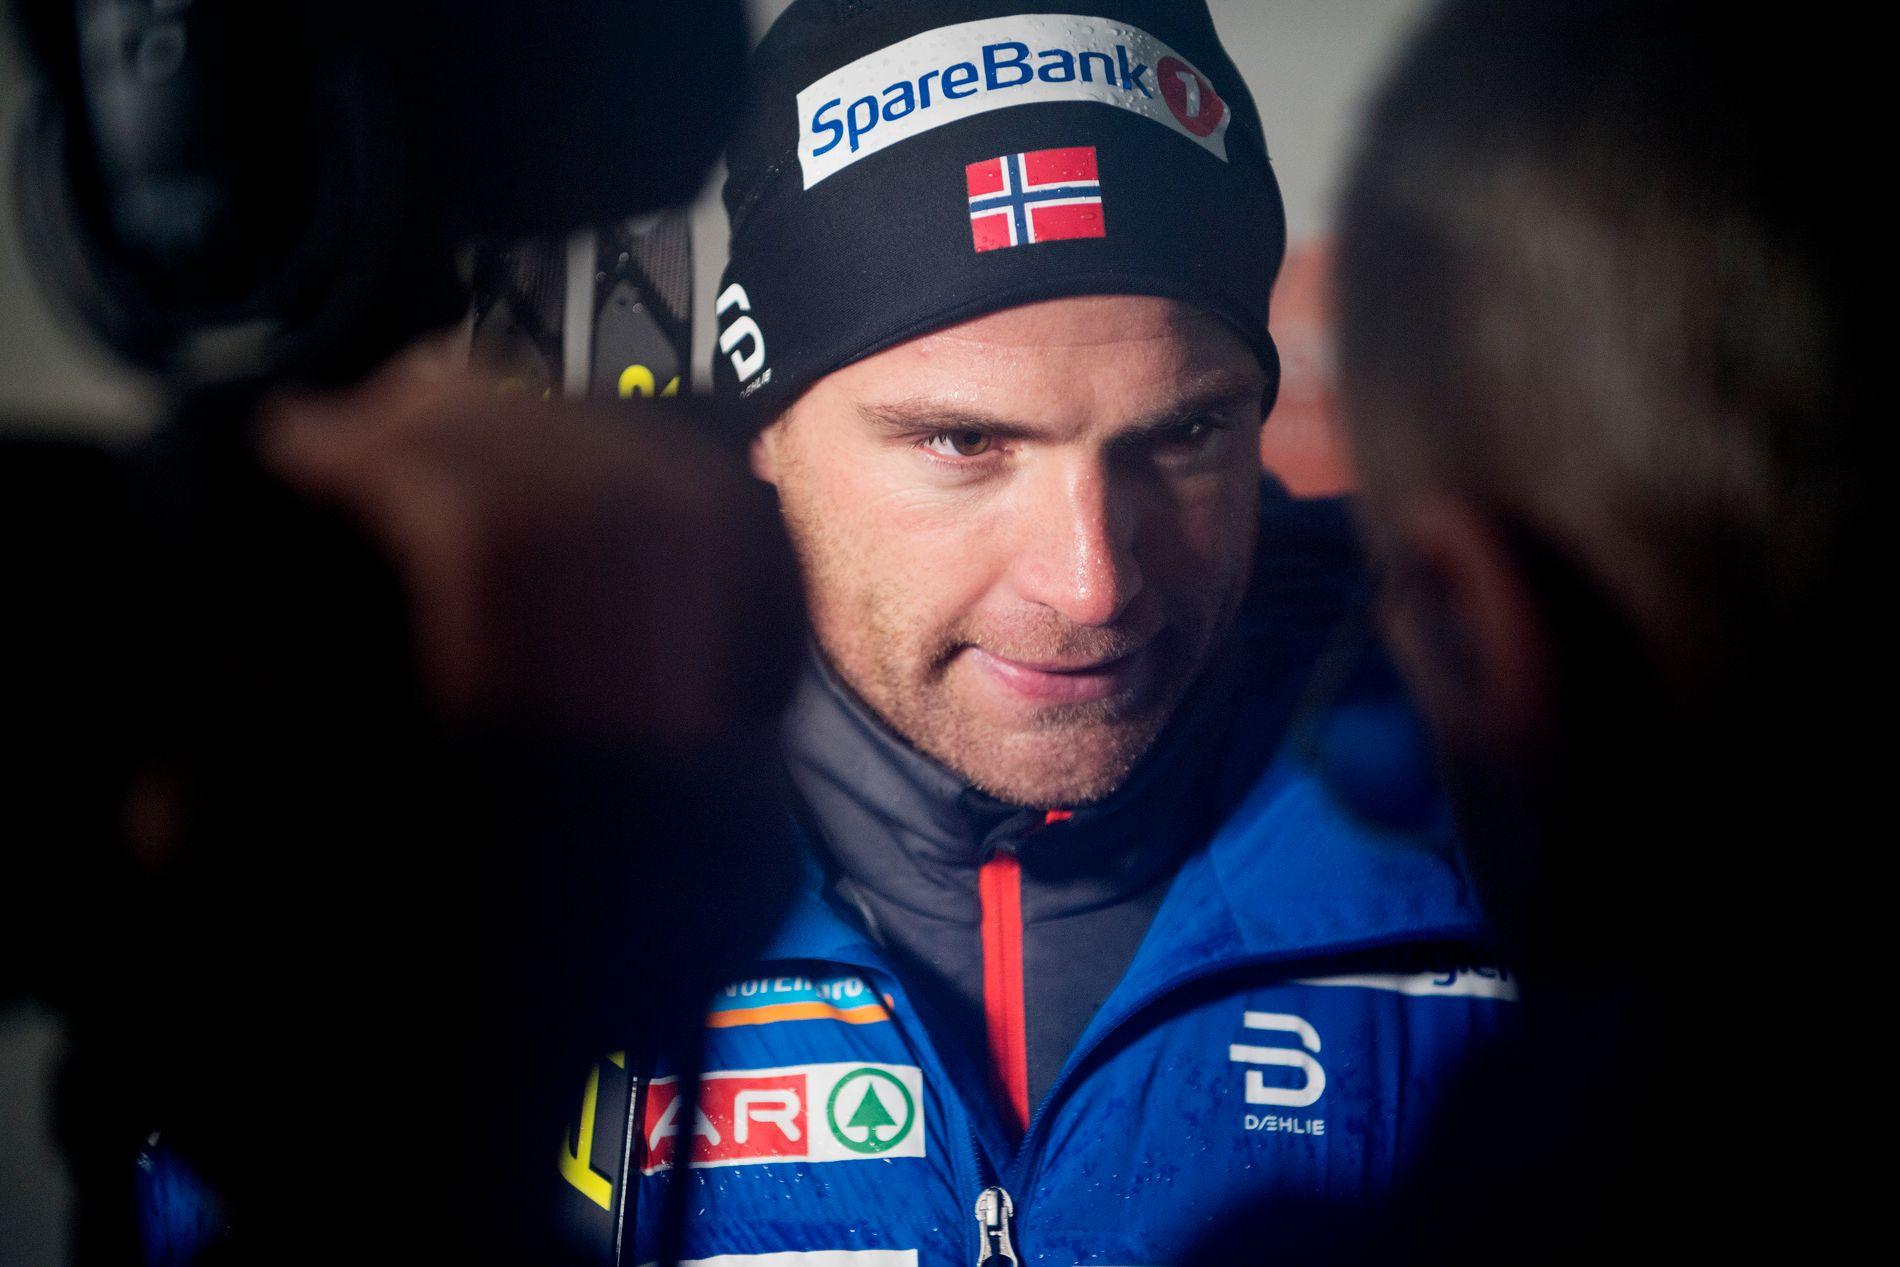 SKUFFET: Niklas Dyrhaug var en skuffet mann etter at skiene brakk to ganger under Tour de Ski i Oberstdorf. Ting har ikke gått på skinner for trønderen denne sesongen.